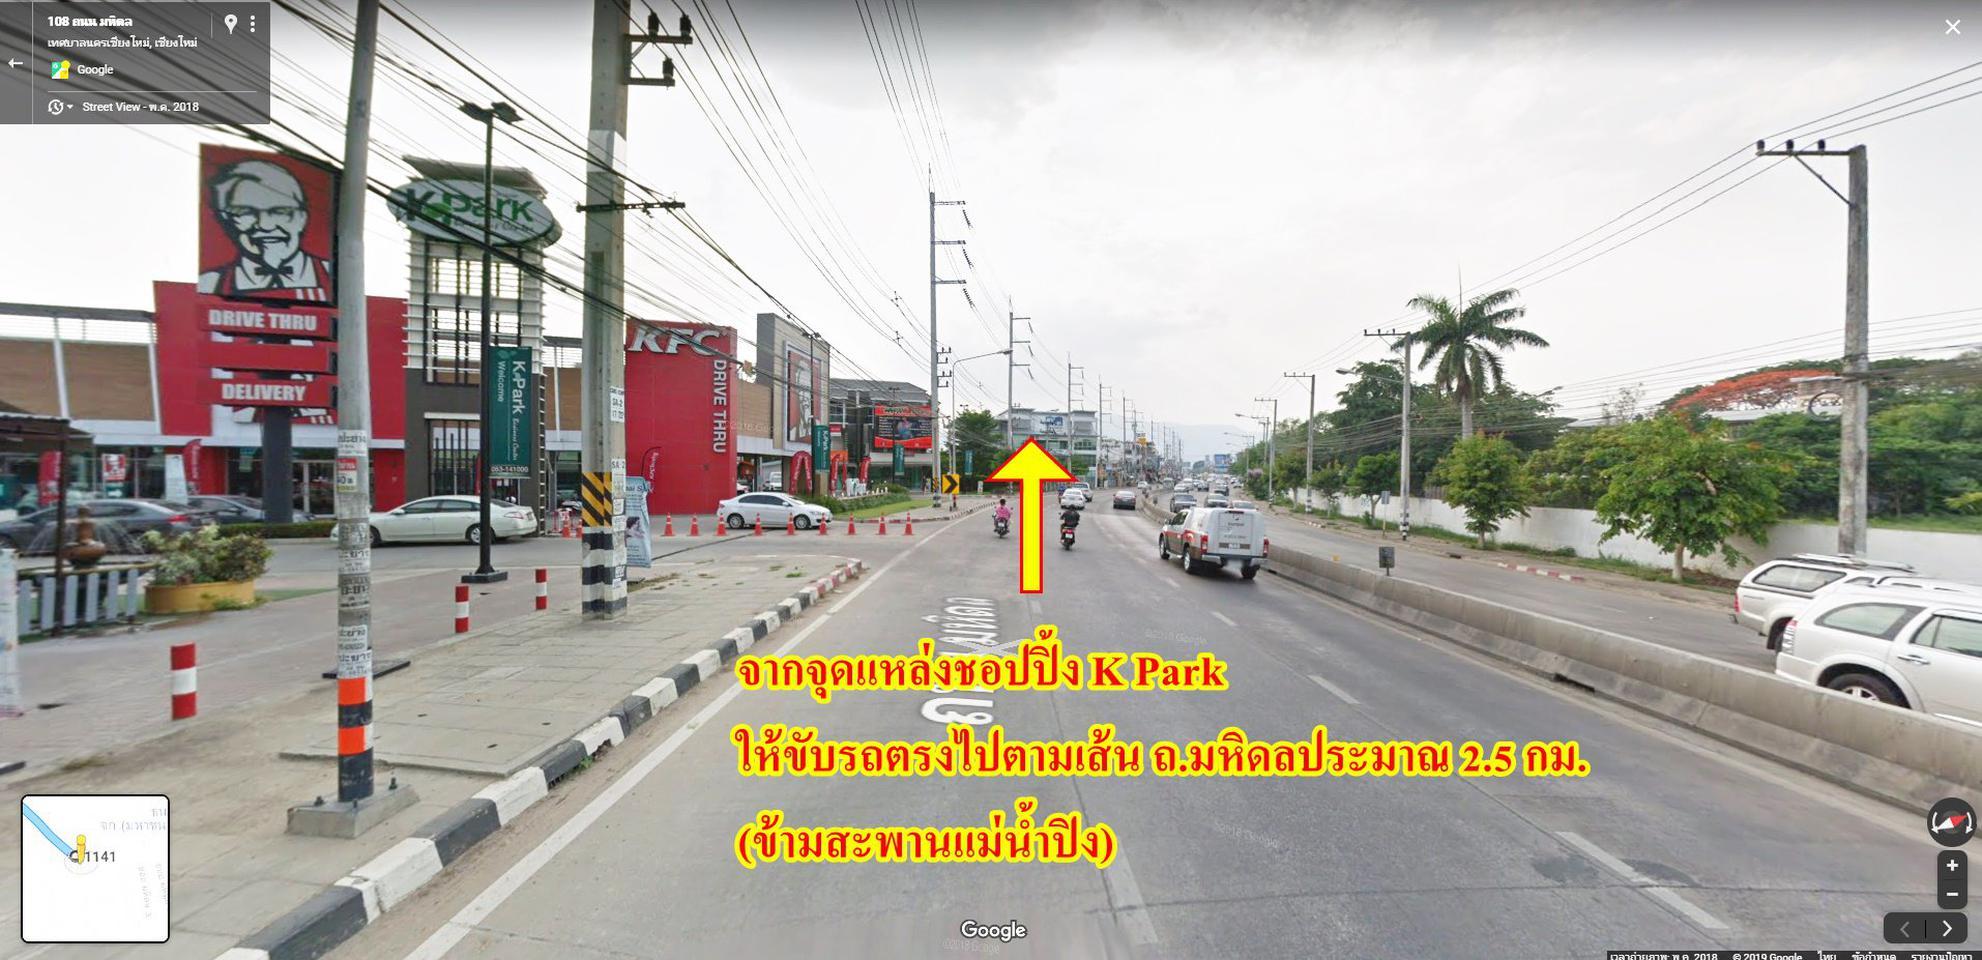 ขายอาคารพาณิชย์ ติดถนนมหิดล ช้างคลาน เชียงใหม่ รูปที่ 5